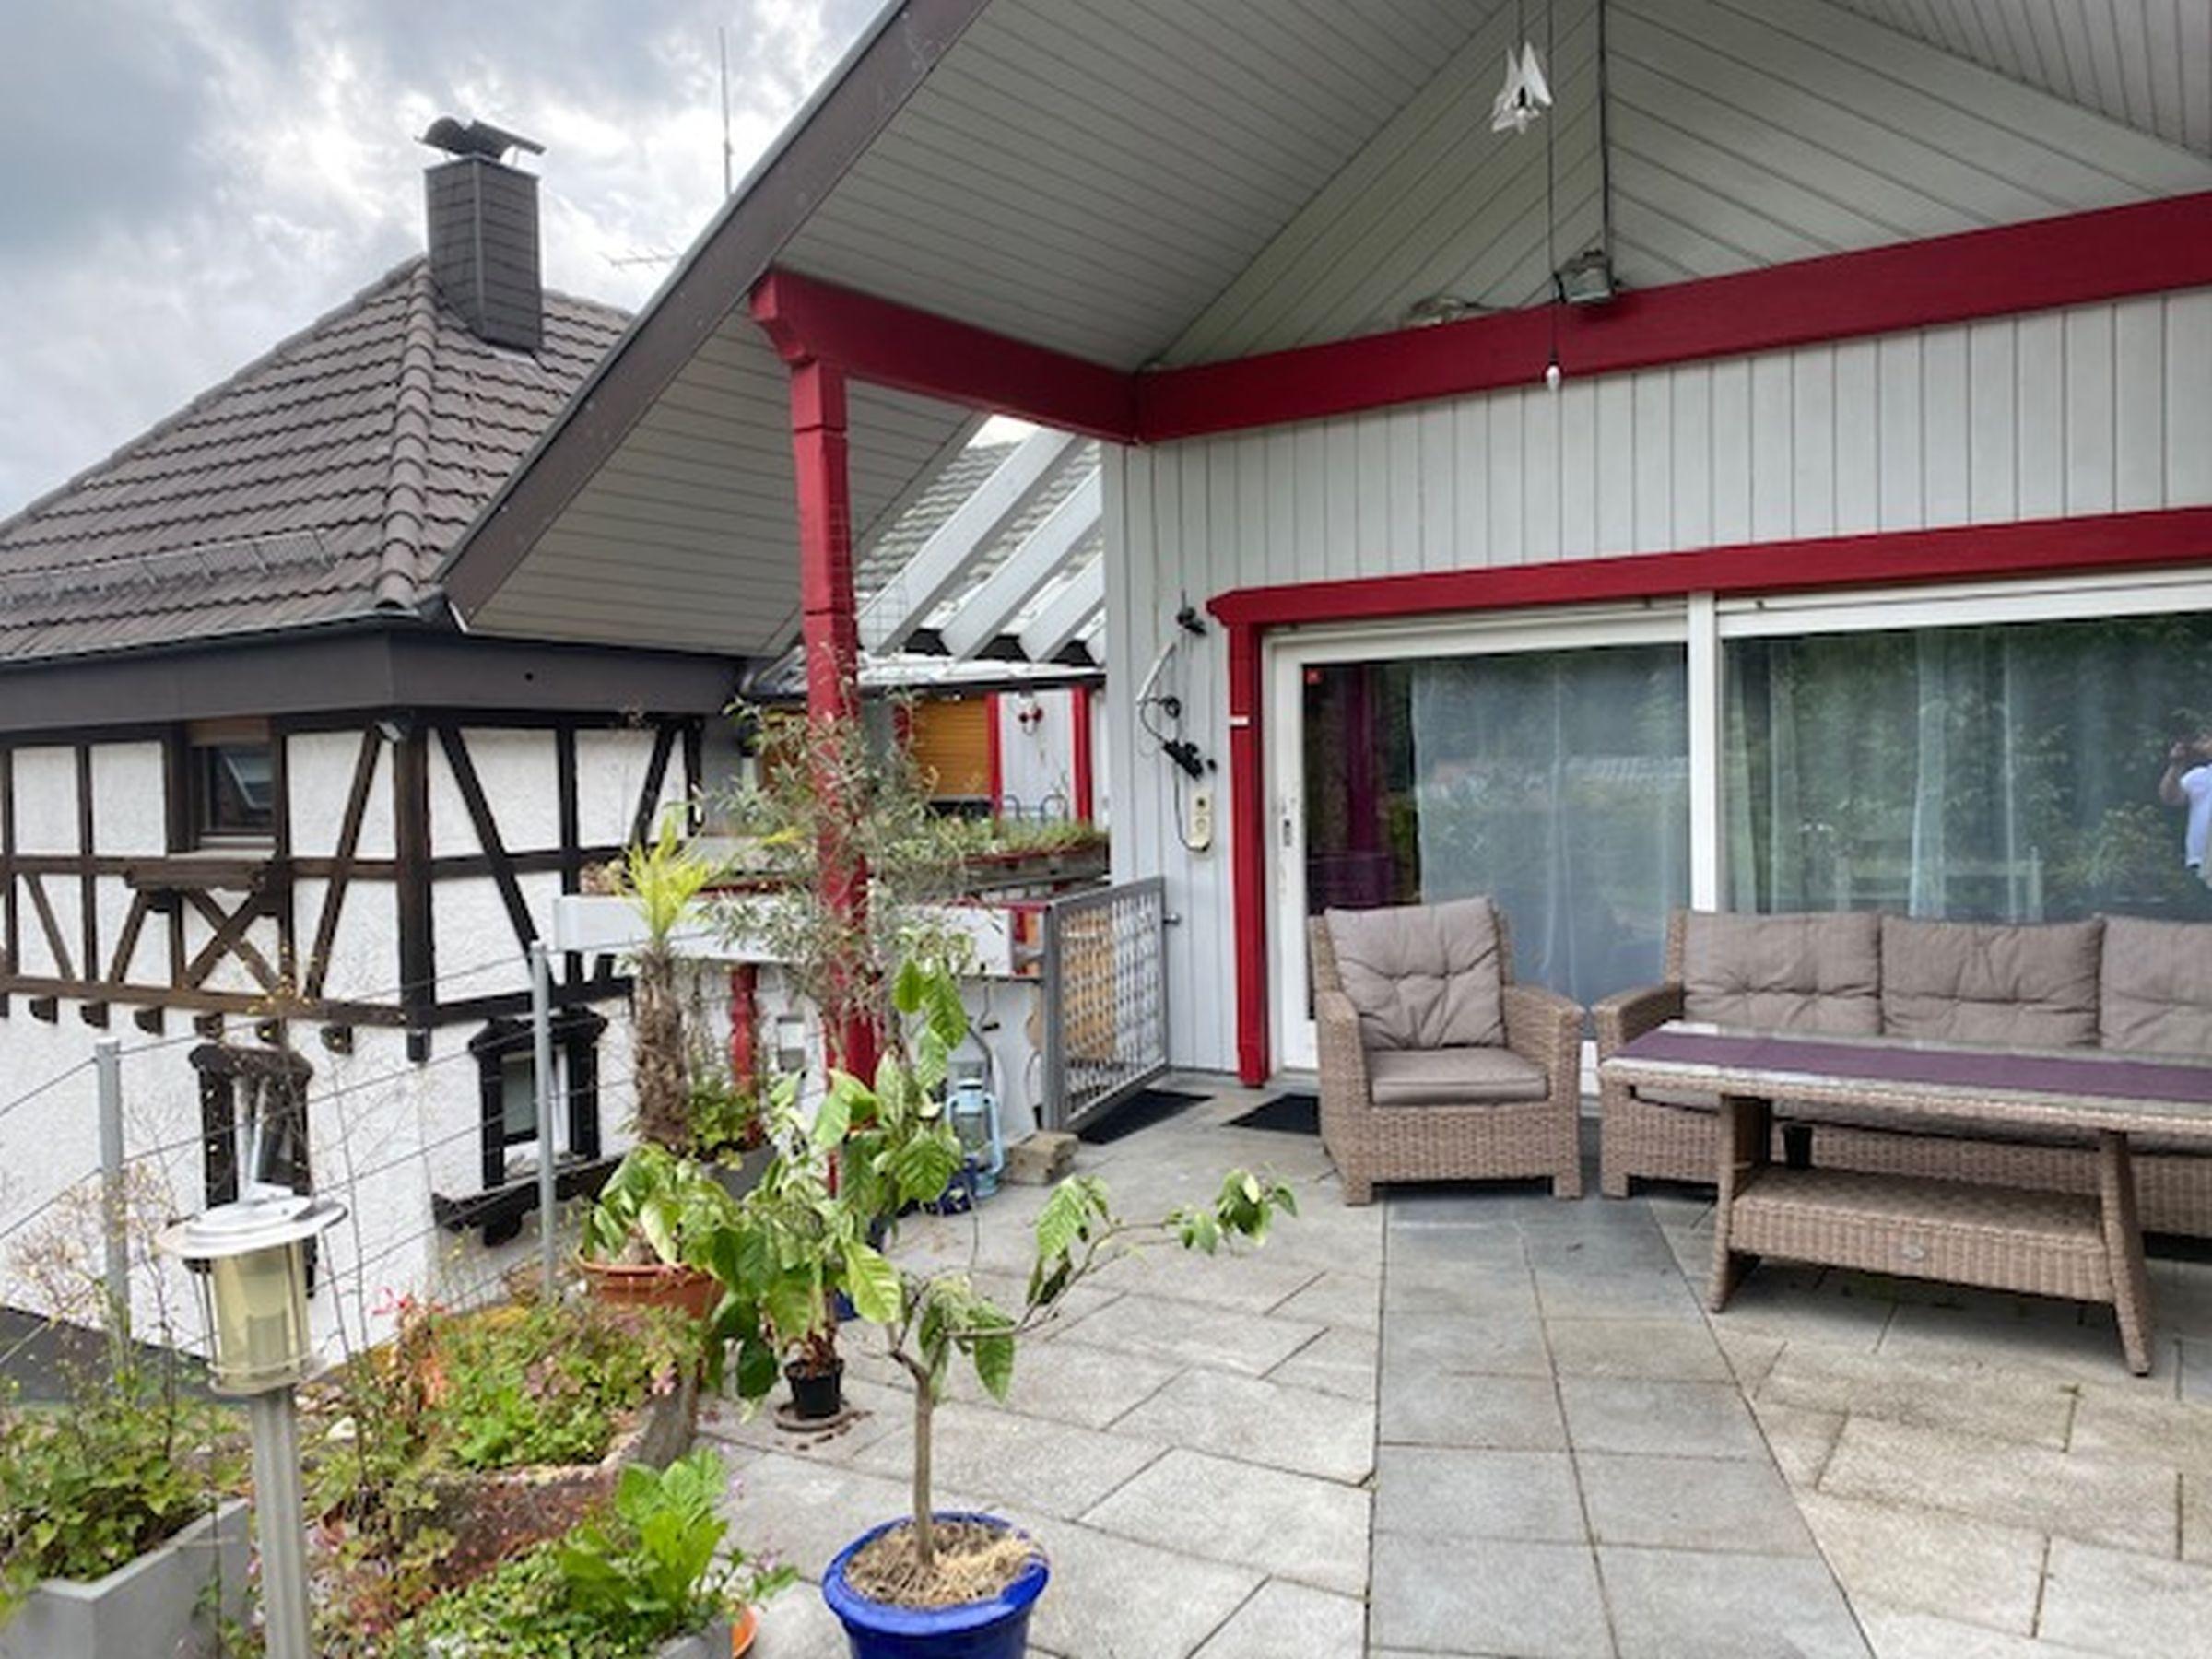 Villa Bröckelstein Zuhause mit Wohlfühlf Ferienhaus in Deutschland